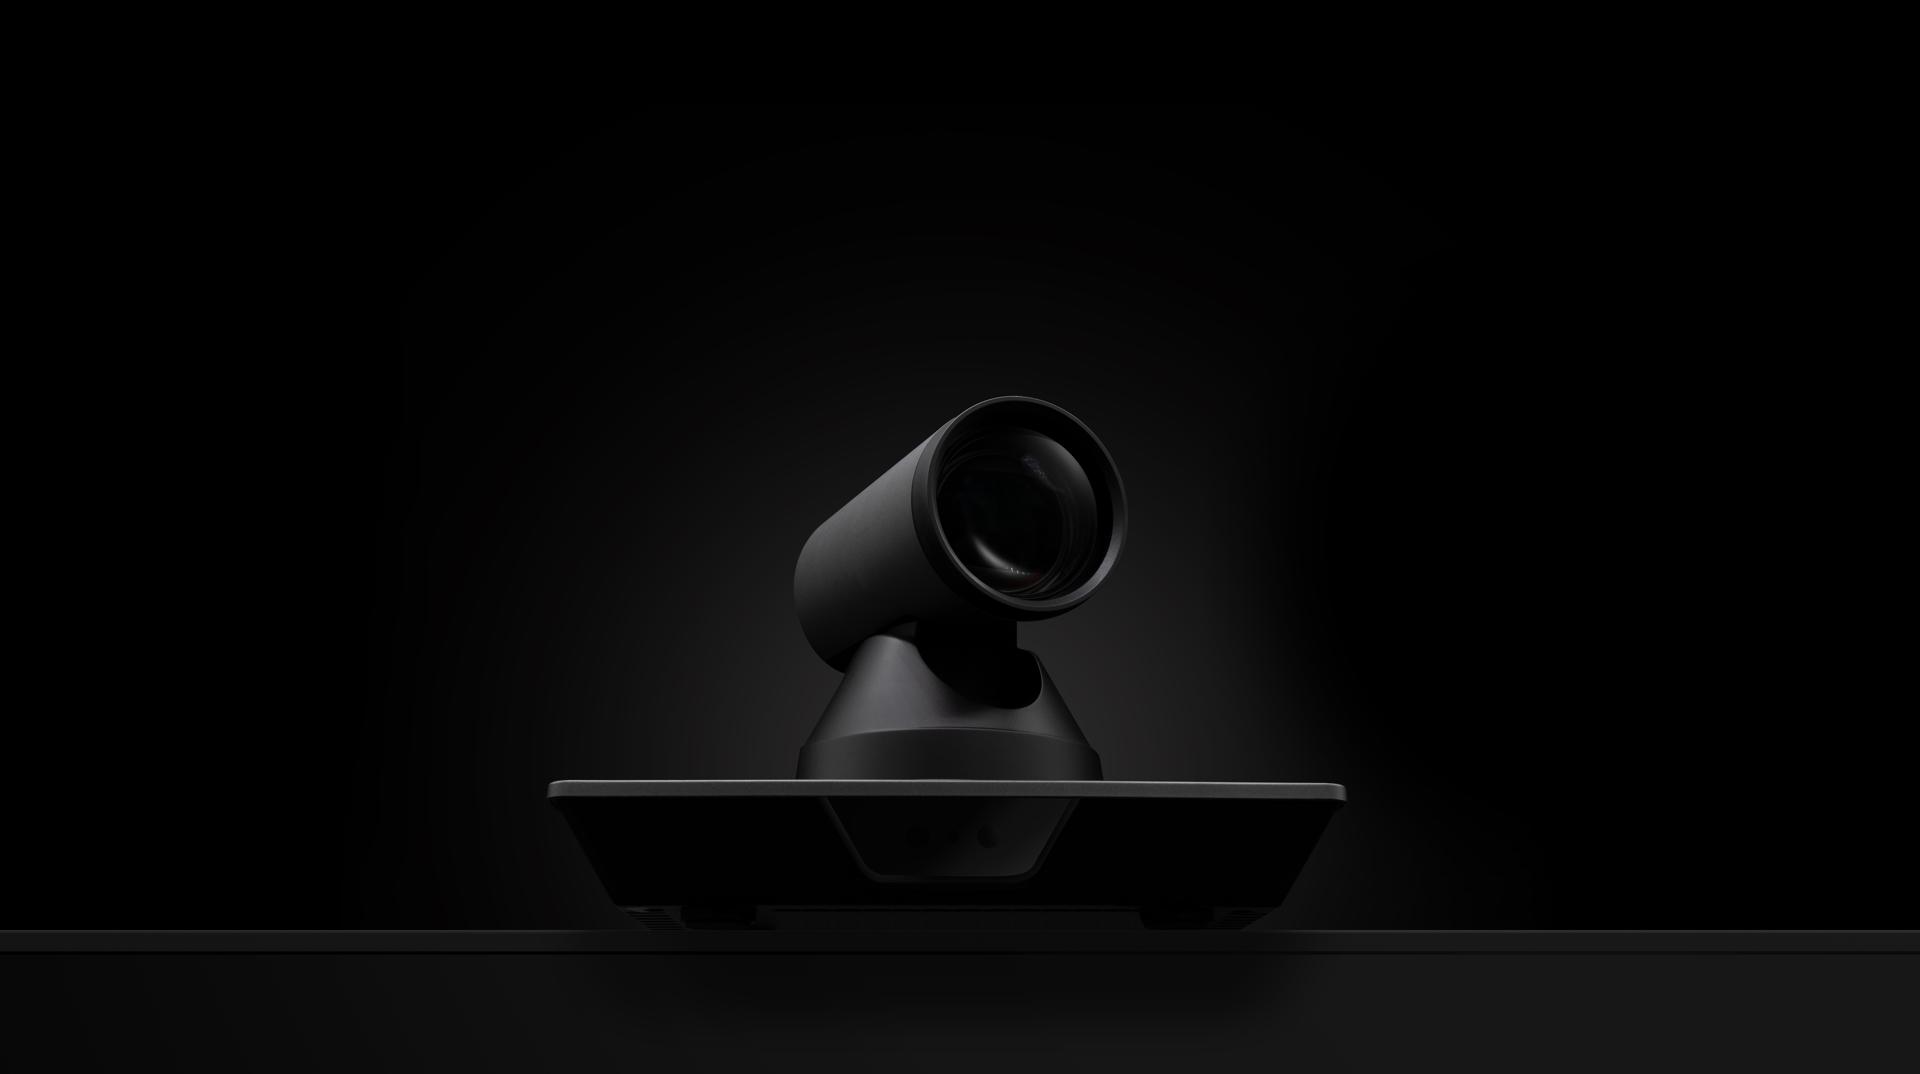 SC-701光学变焦摄像头